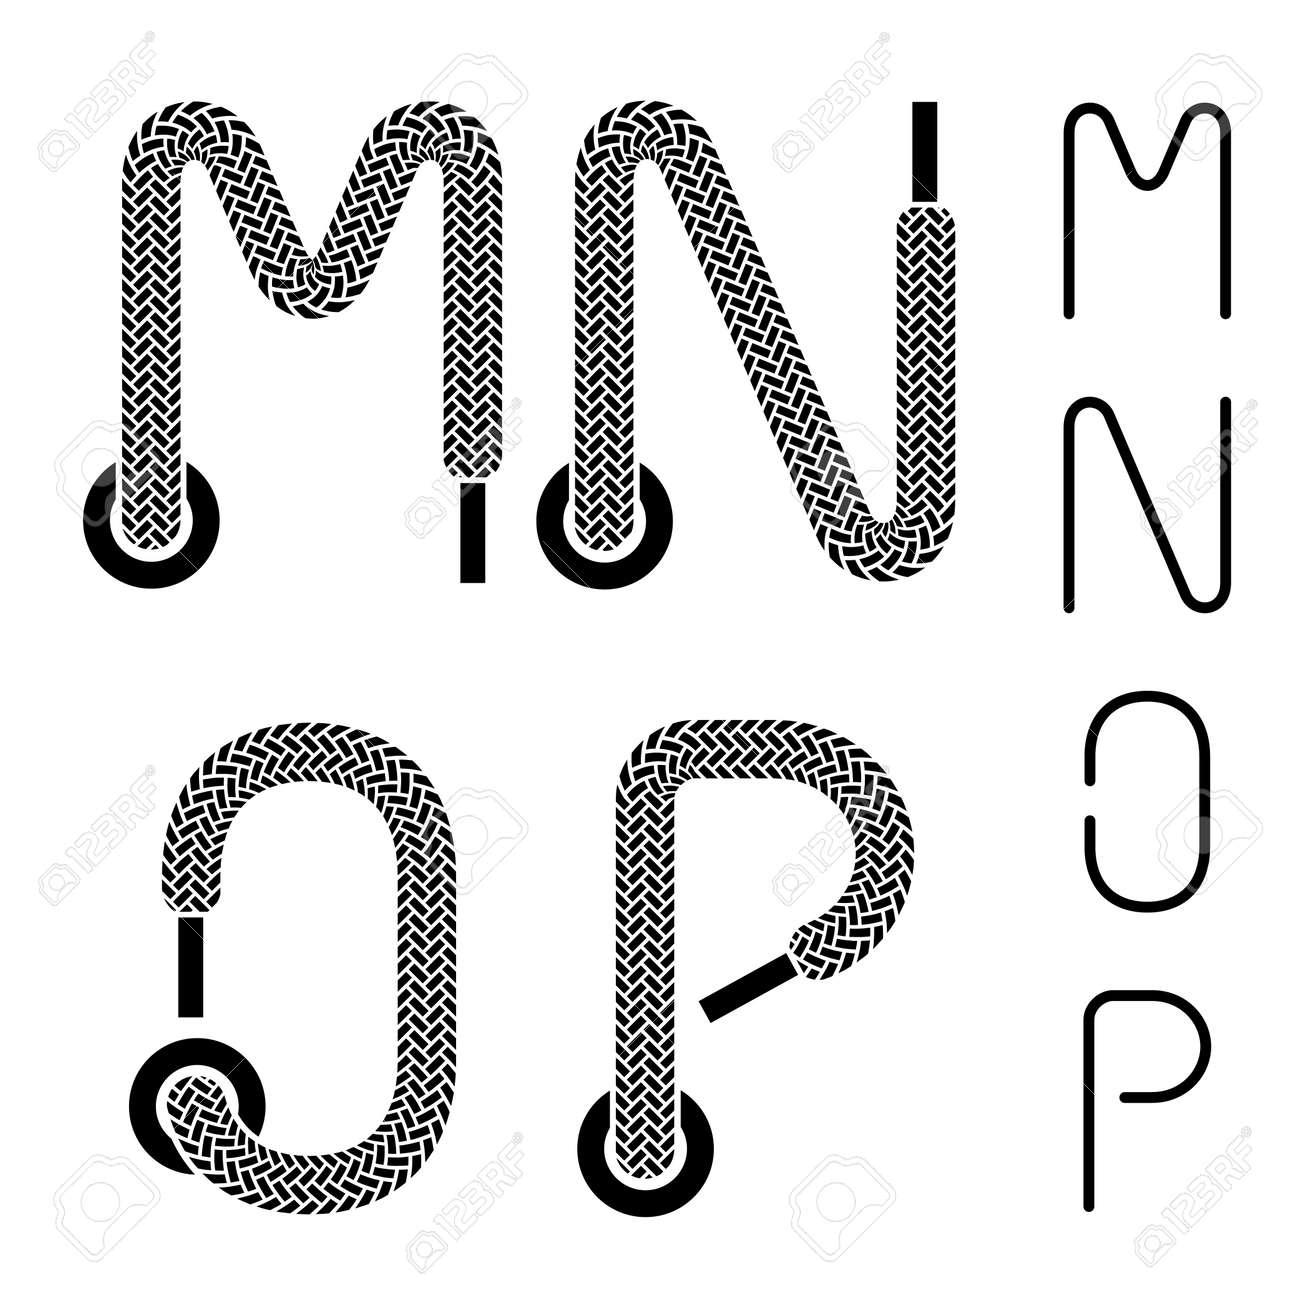 Shoe Lace Alphabet Letters M N O P Royalty Free Cliparts Vectors